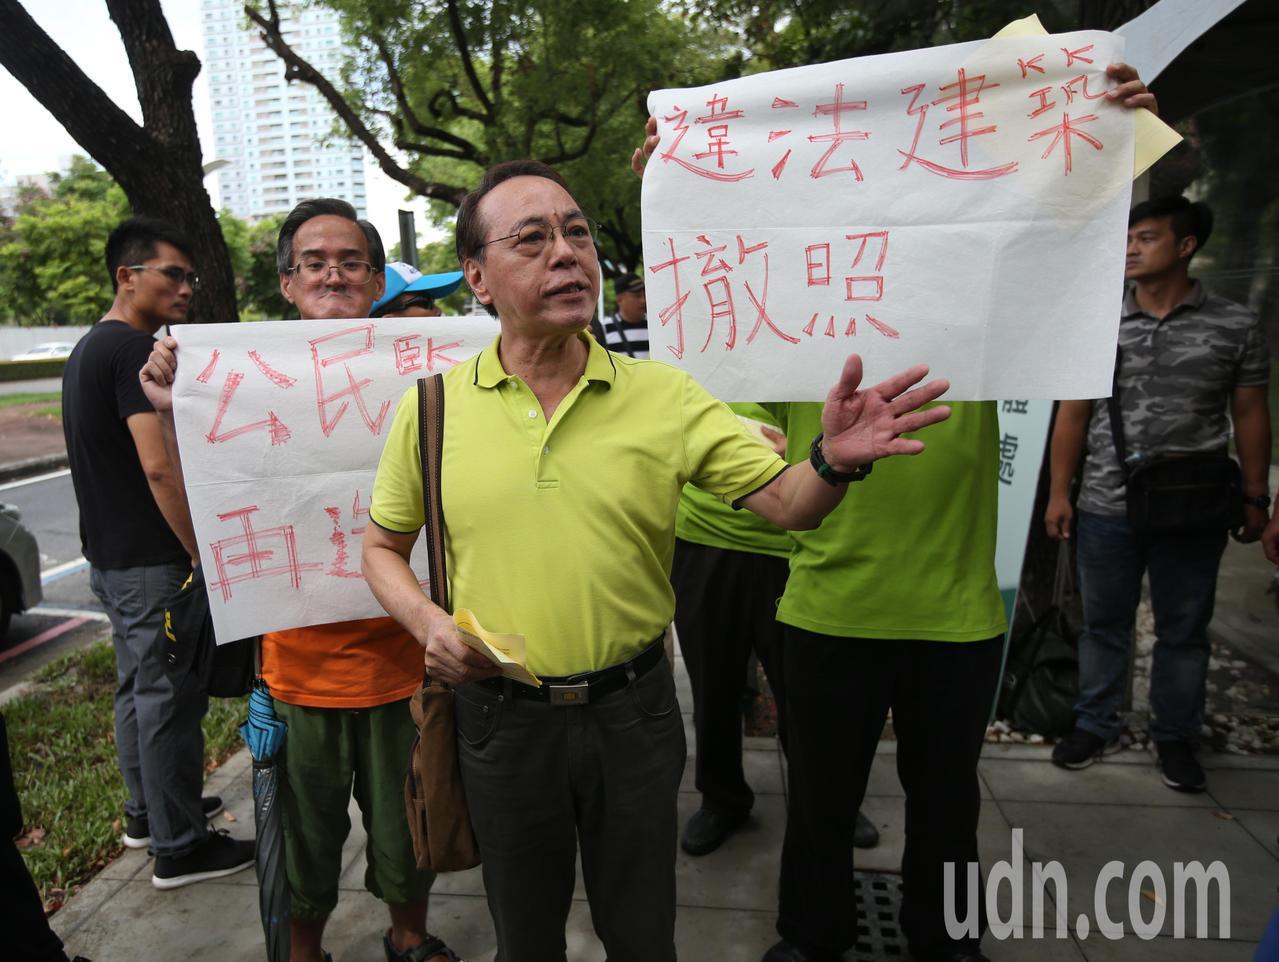 興建期間爭議不斷的李科永紀念圖書館今天舉行落成儀式,護樹團體在場外抗議。記者劉學...